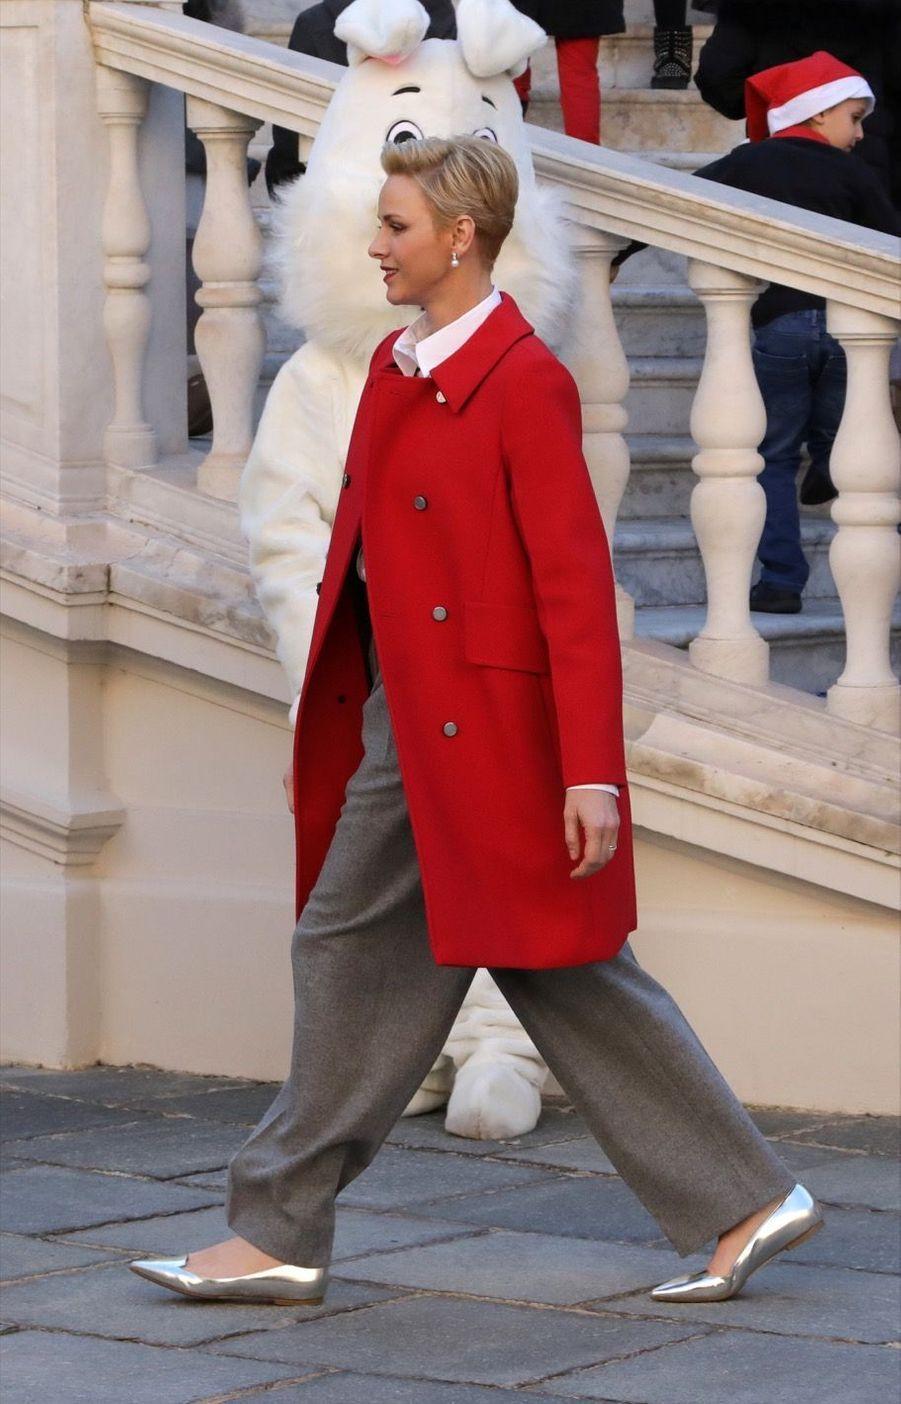 Charlène De Monaco, Le Prince Albert Et Leurs Jumeaux Gabriella Et Jacques À L'arbre De Noël Du Palais 23